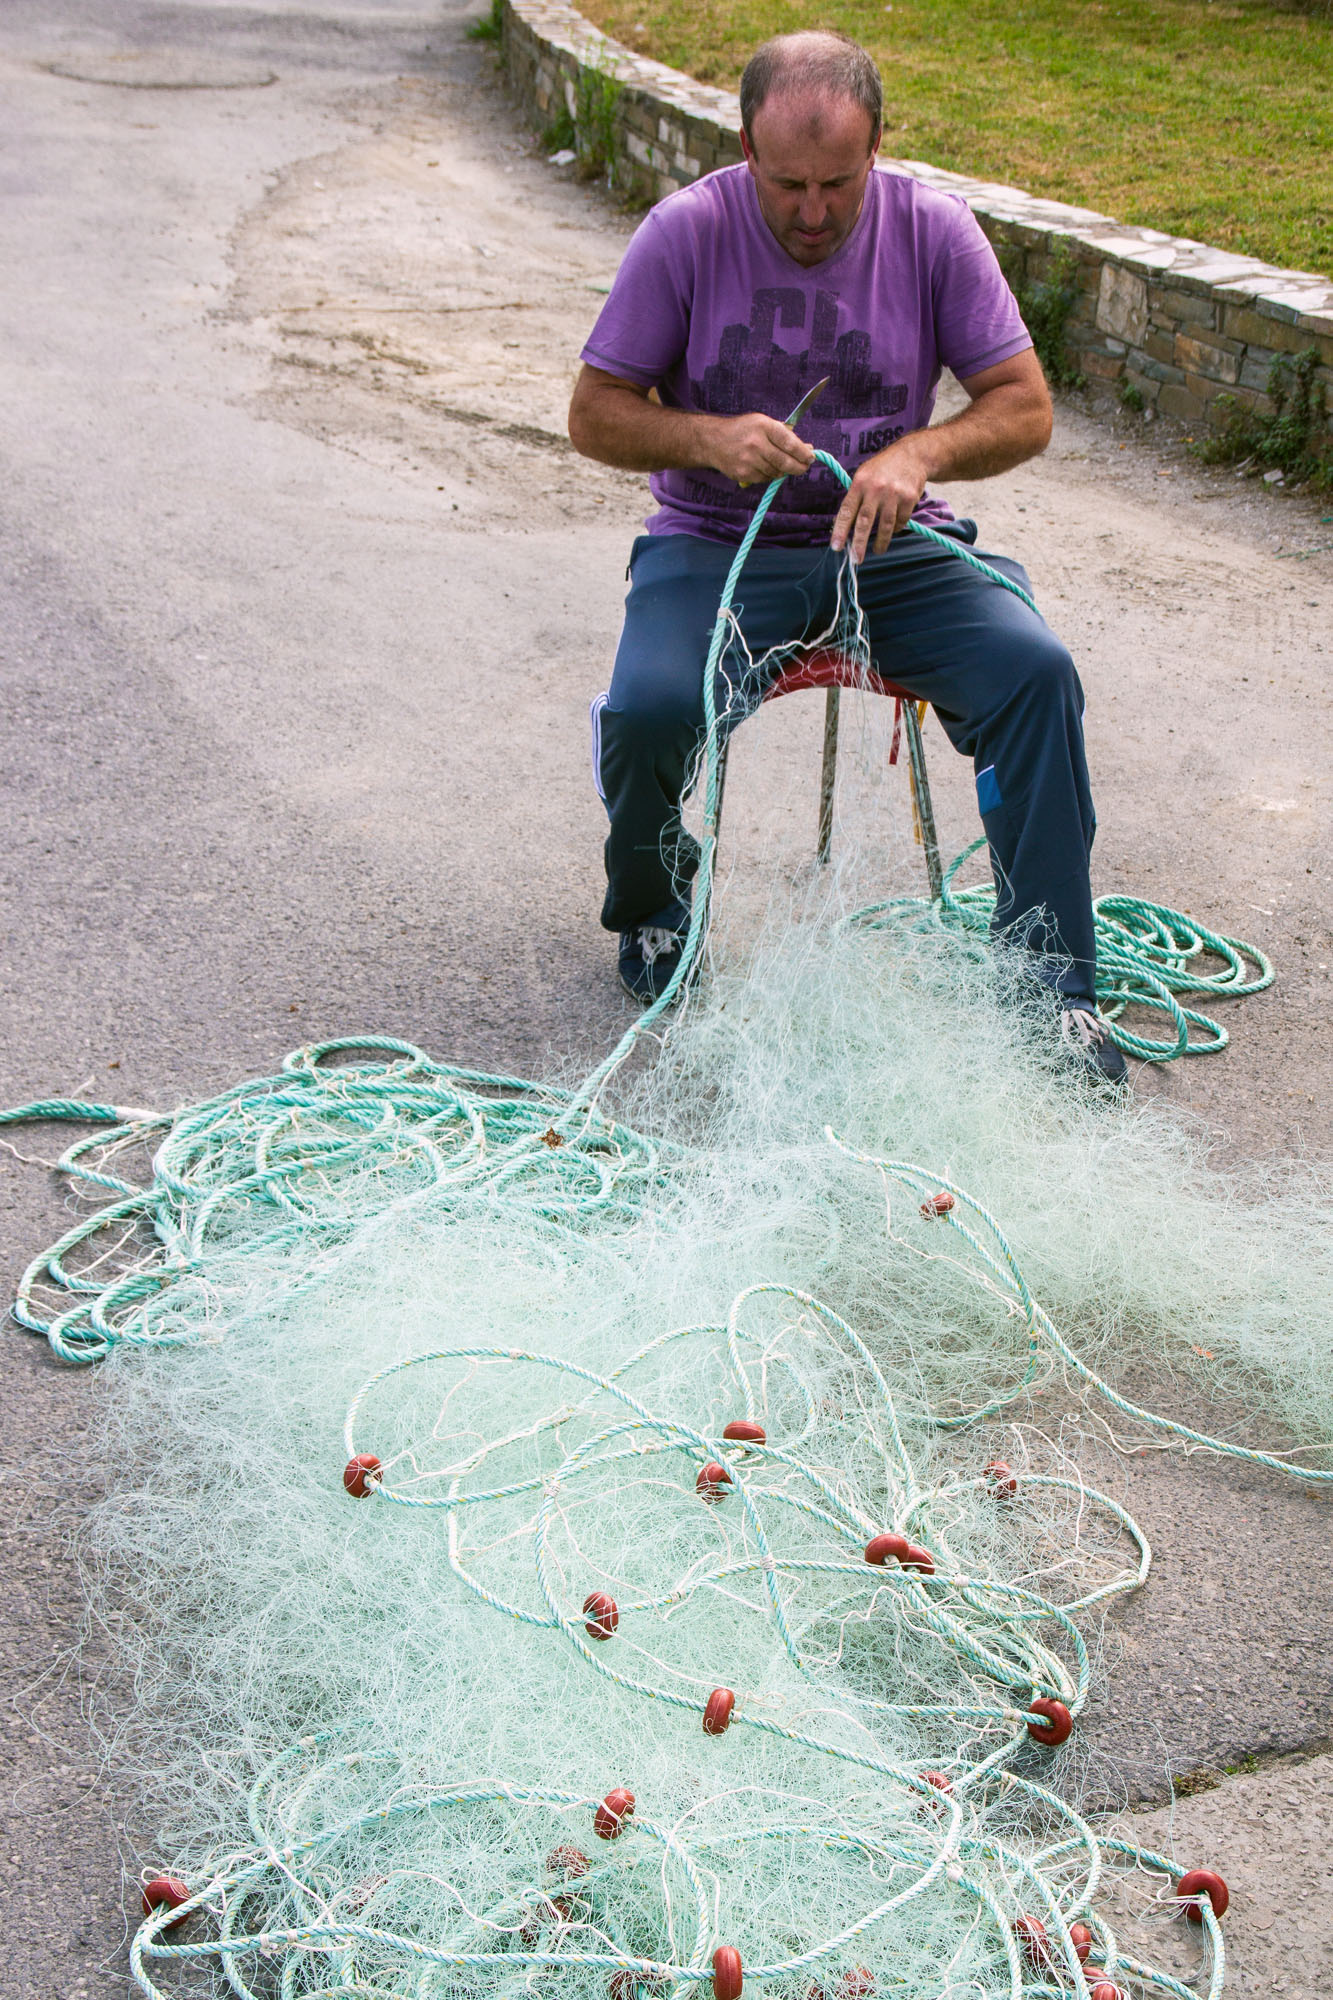 Fisherman fixing fishing net